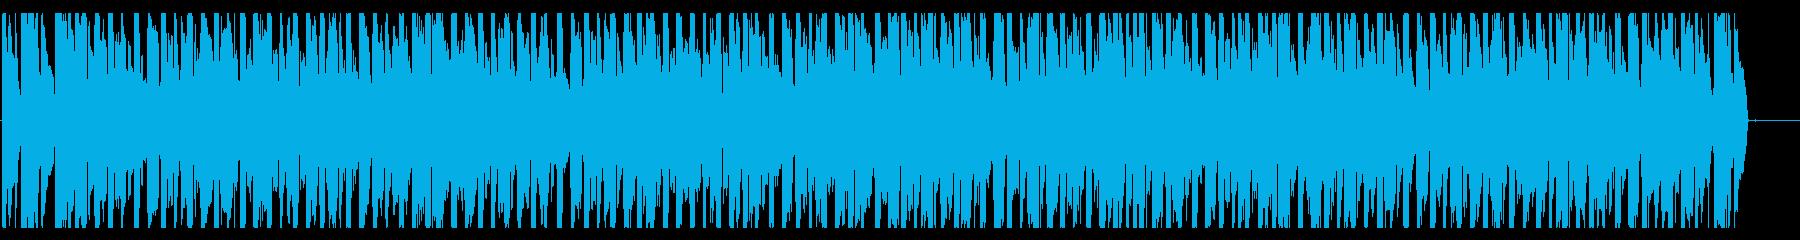 夏/海/トロピカルハウス_No375_2の再生済みの波形